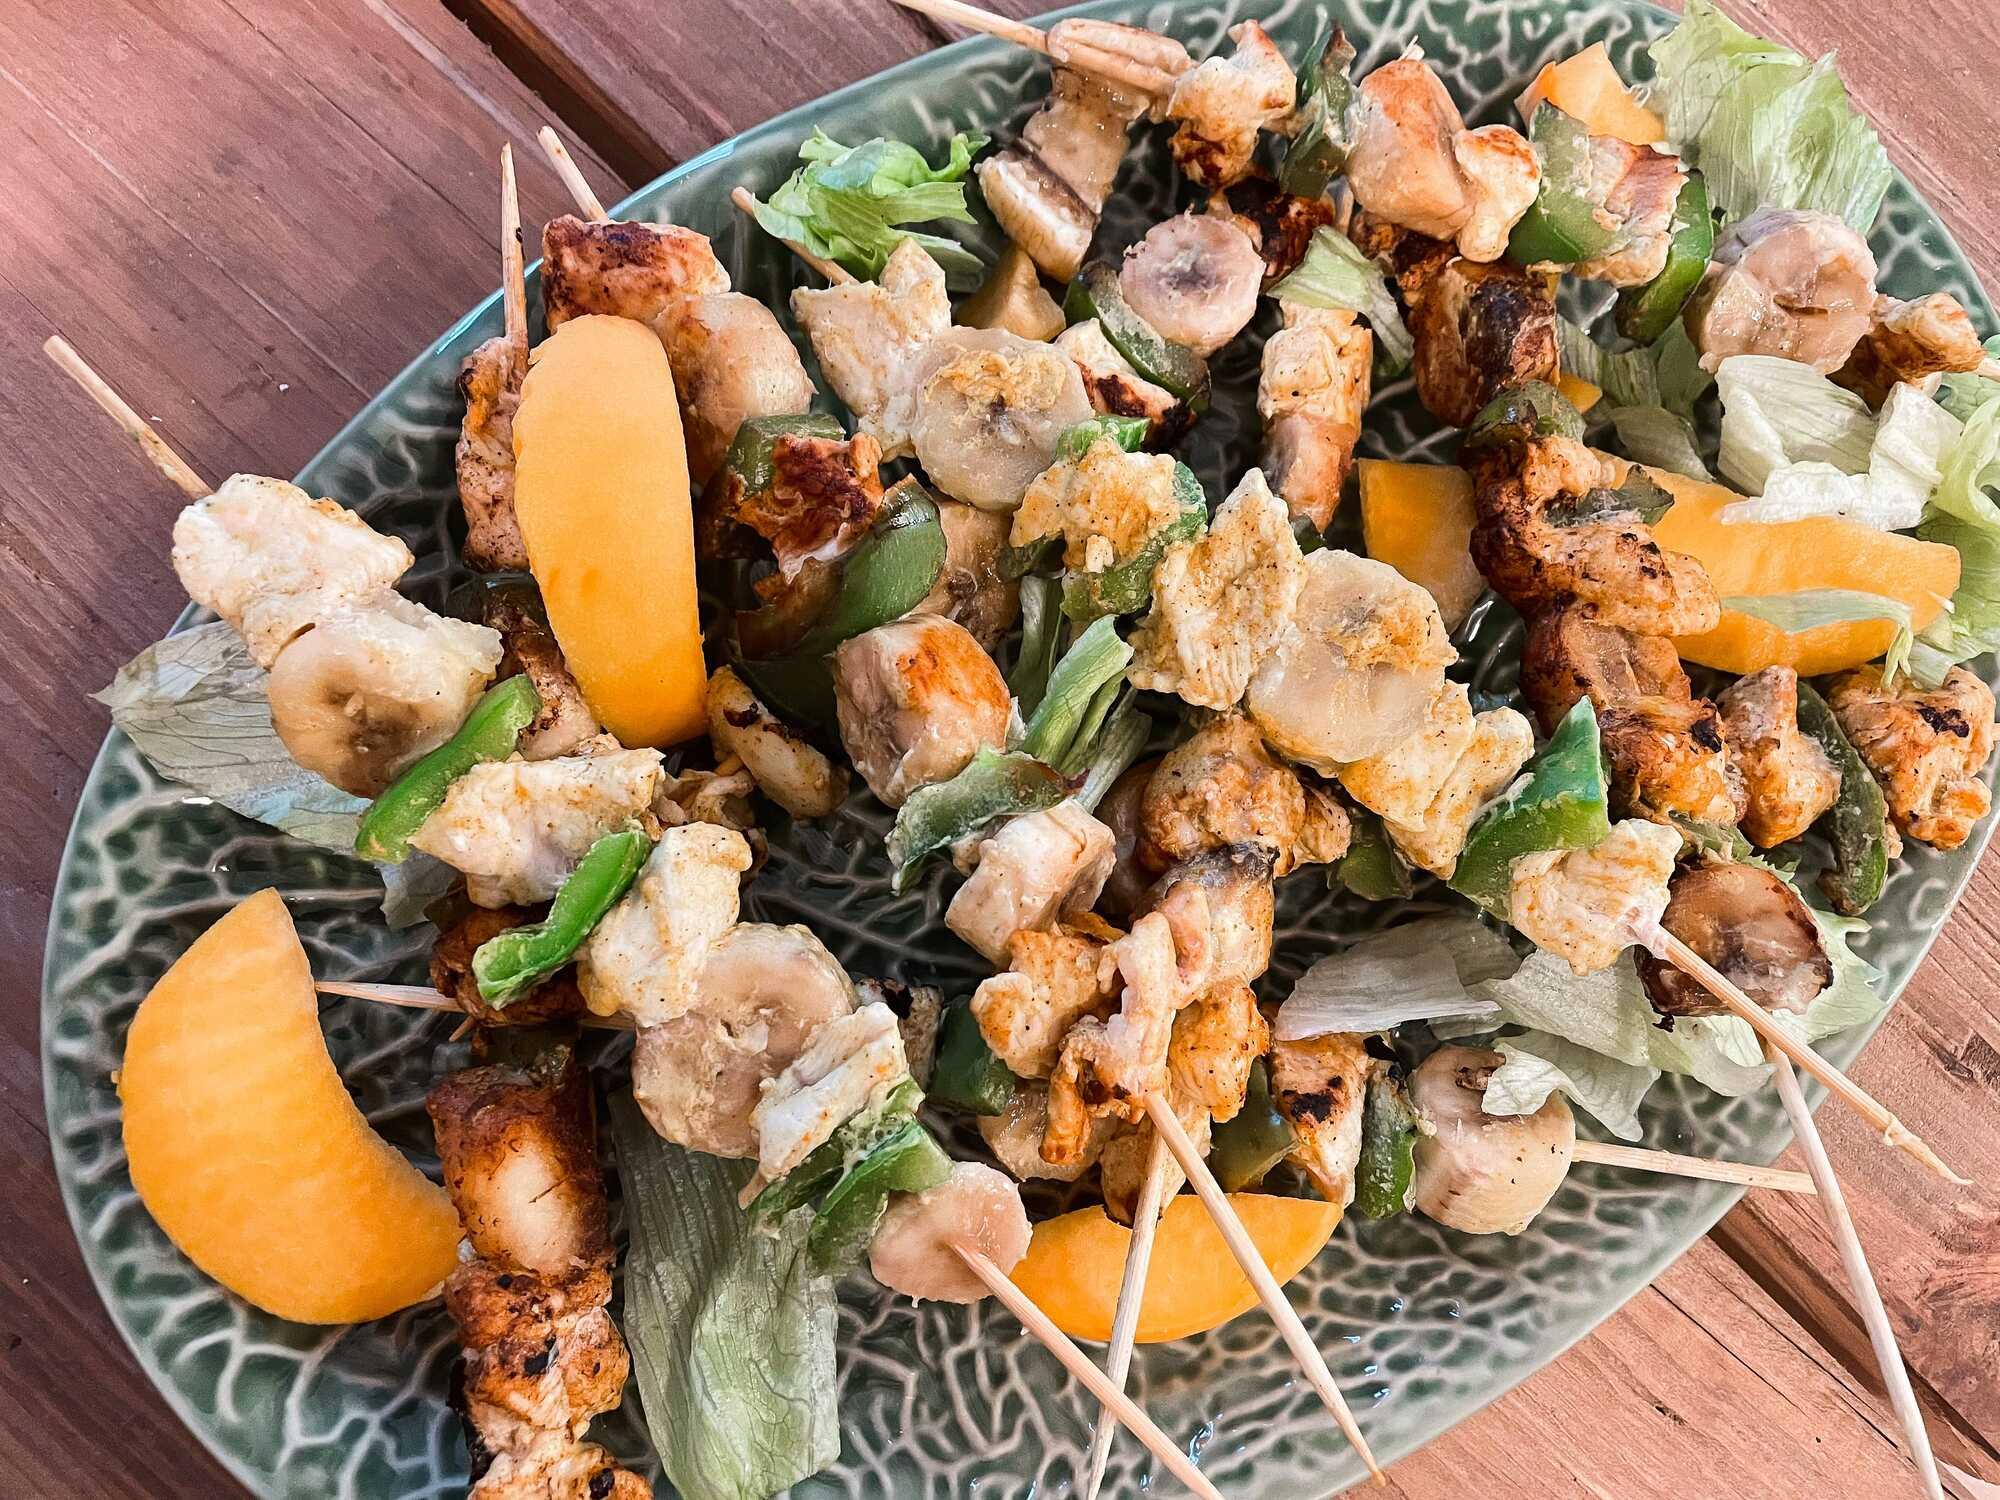 Sur un plat ovale sont disposées les brochettes. Quelques tranches de mangue décorent la recette. Effet visuel garanti !